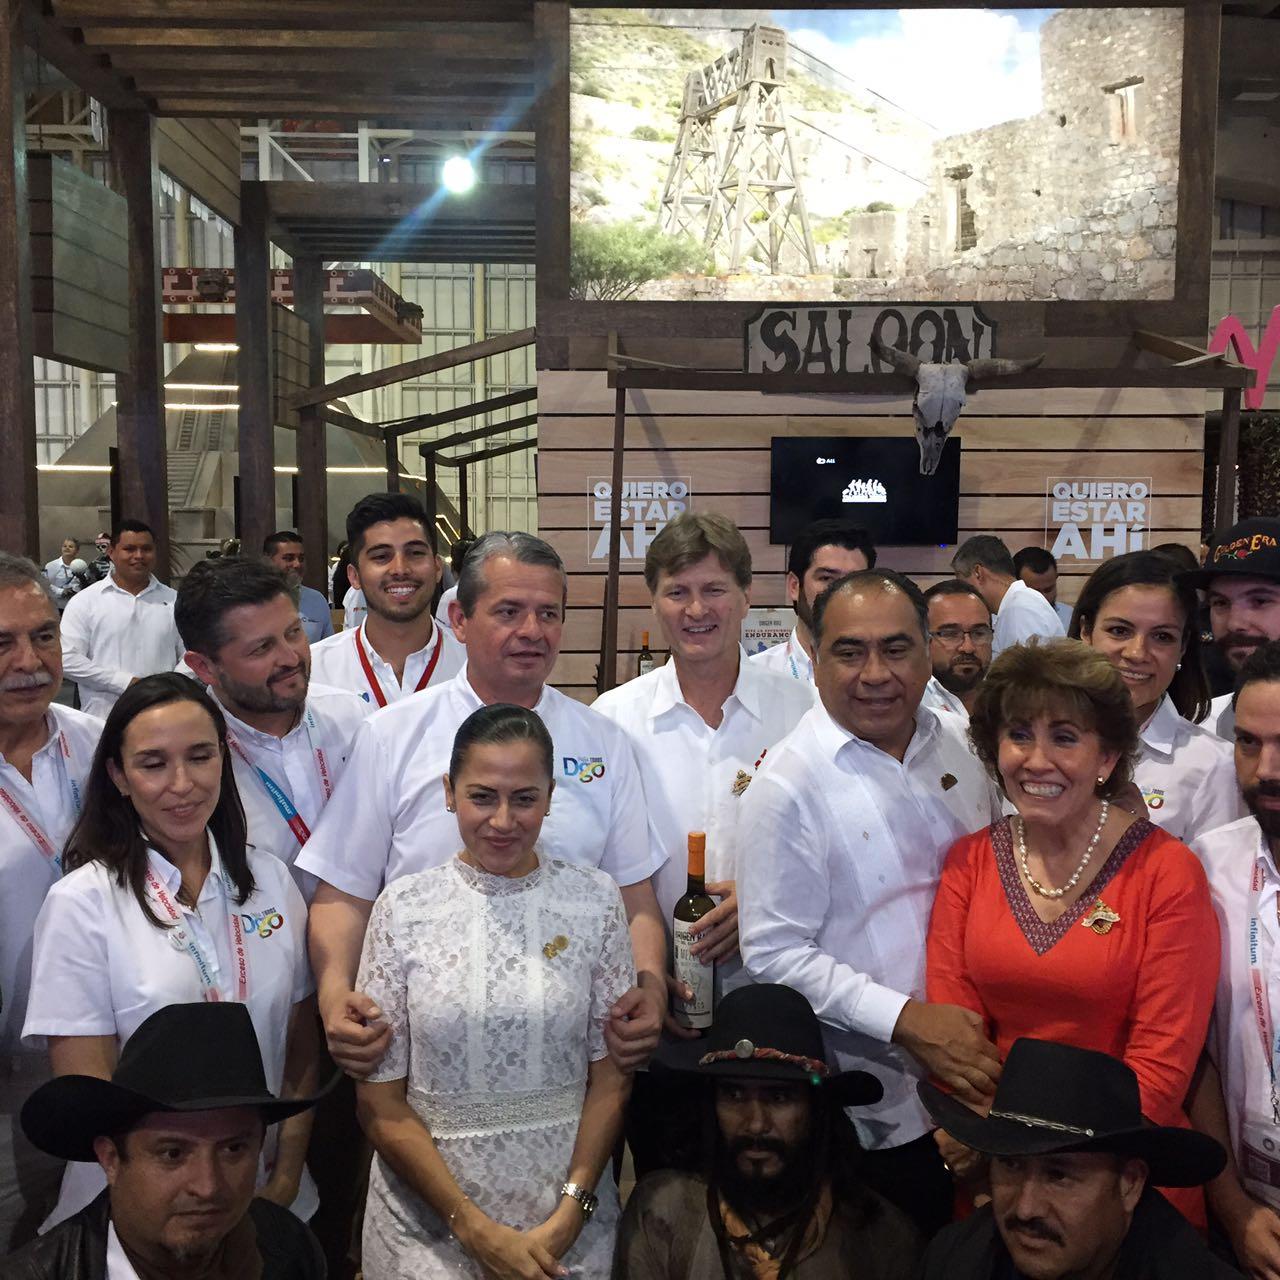 Al centro, Enrique de la Madrid, el Secretario de Turismo.